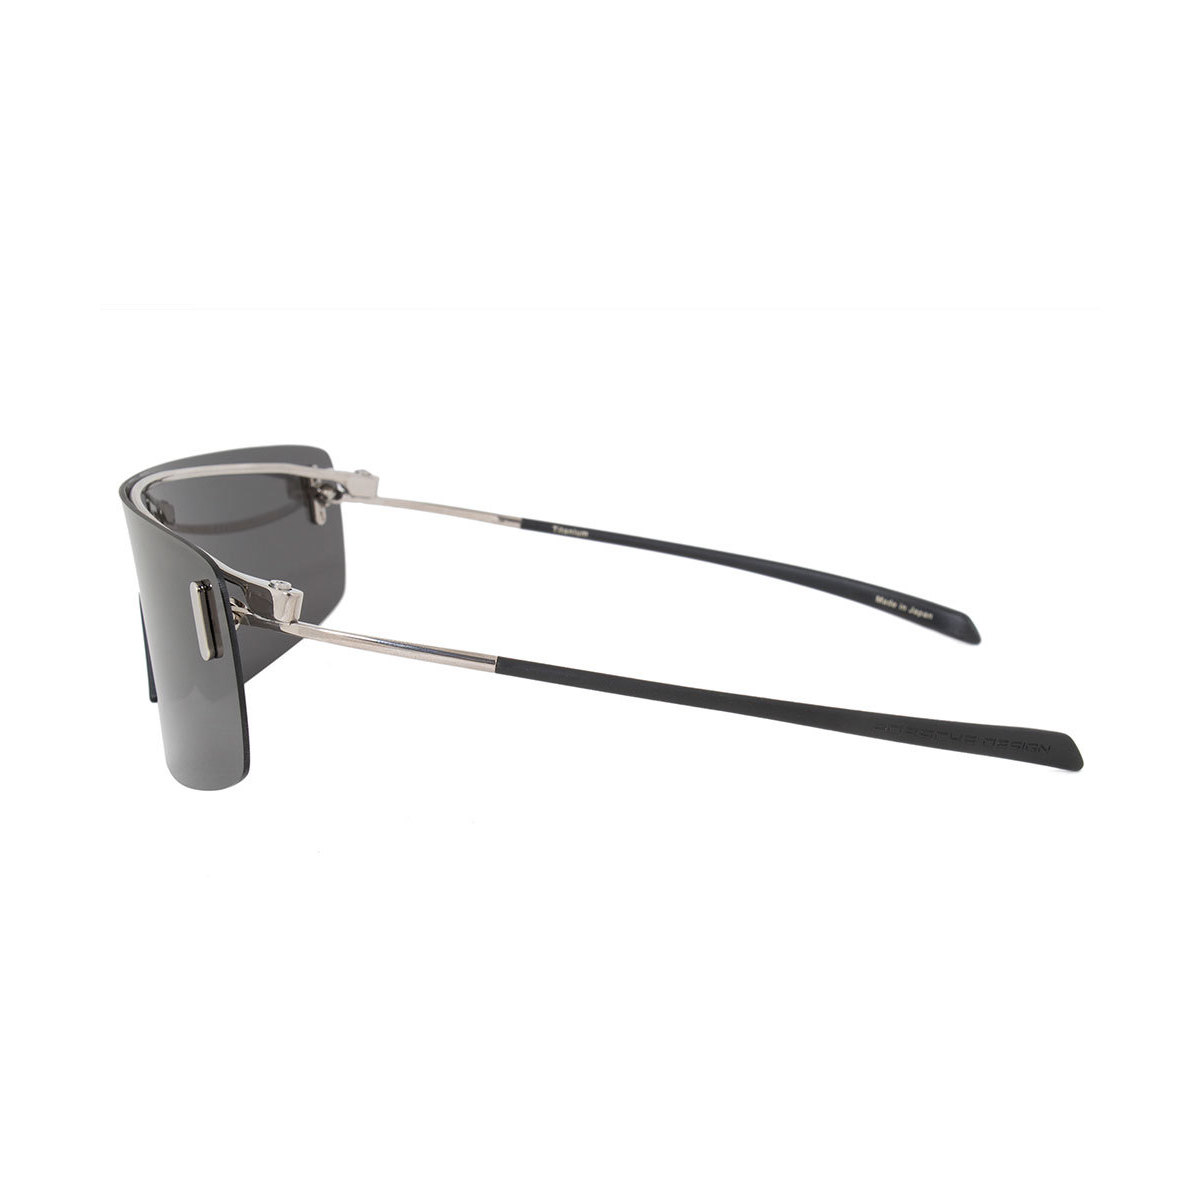 fe64cb96711 Porsche Design - Porsche Design Rimless P 8482 B 15 Men s Titanium Frame  Grey Lens Sunglasses - Walmart.com